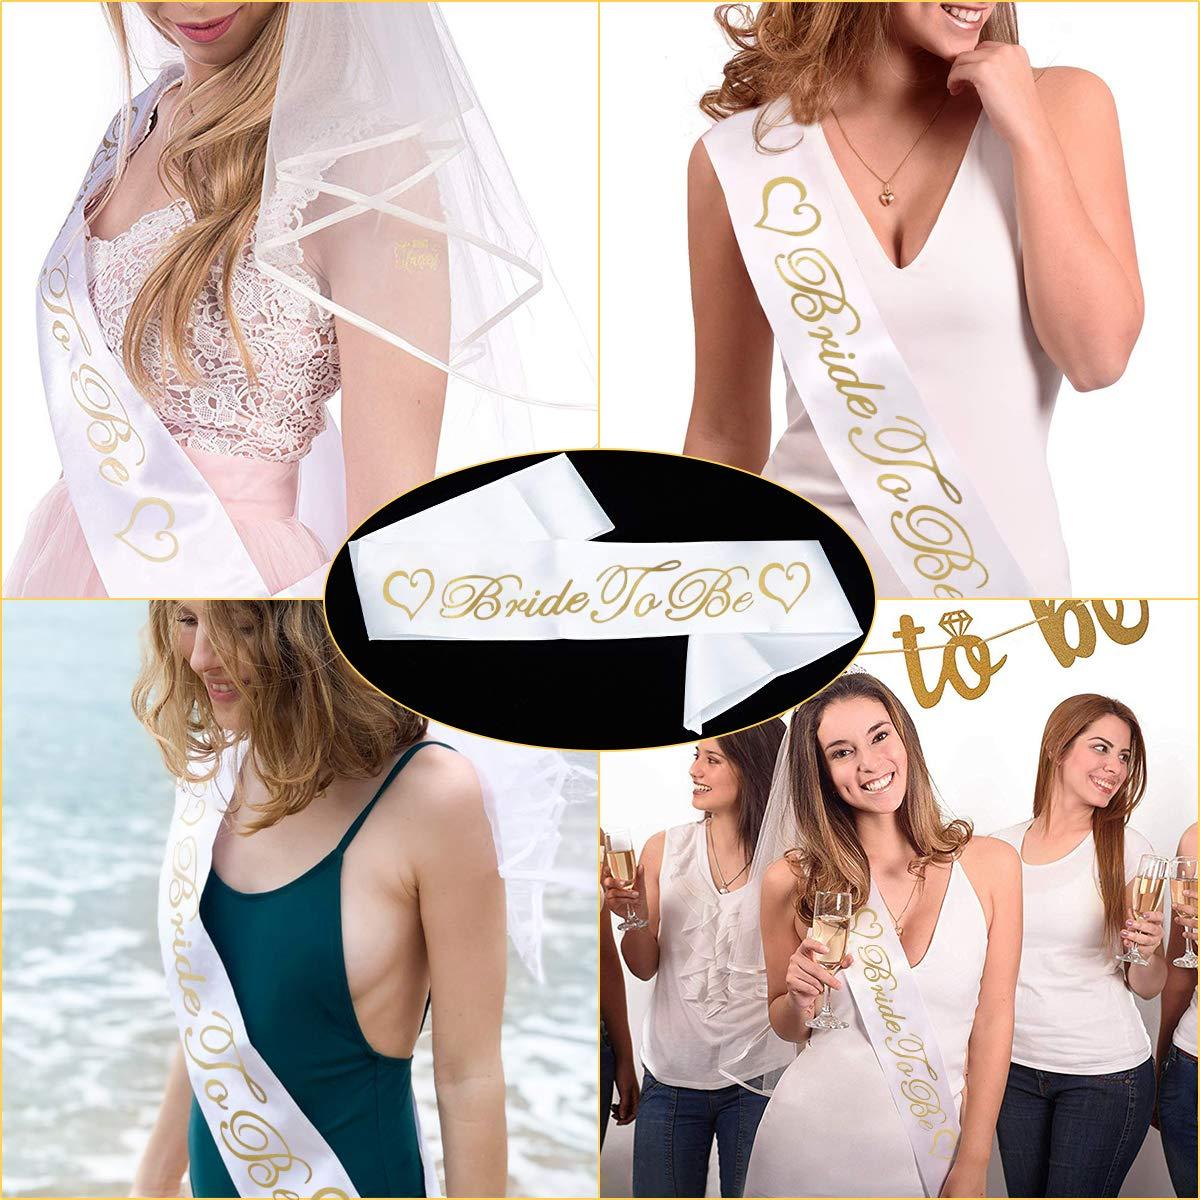 6 Piezas Bride to Be Accesorio Set Kit Tatuajes temporales de Despedida de soltera Insignia de roseta Velo Blanco de Novia de Boda con Peine faja latina liga y gafas de sol